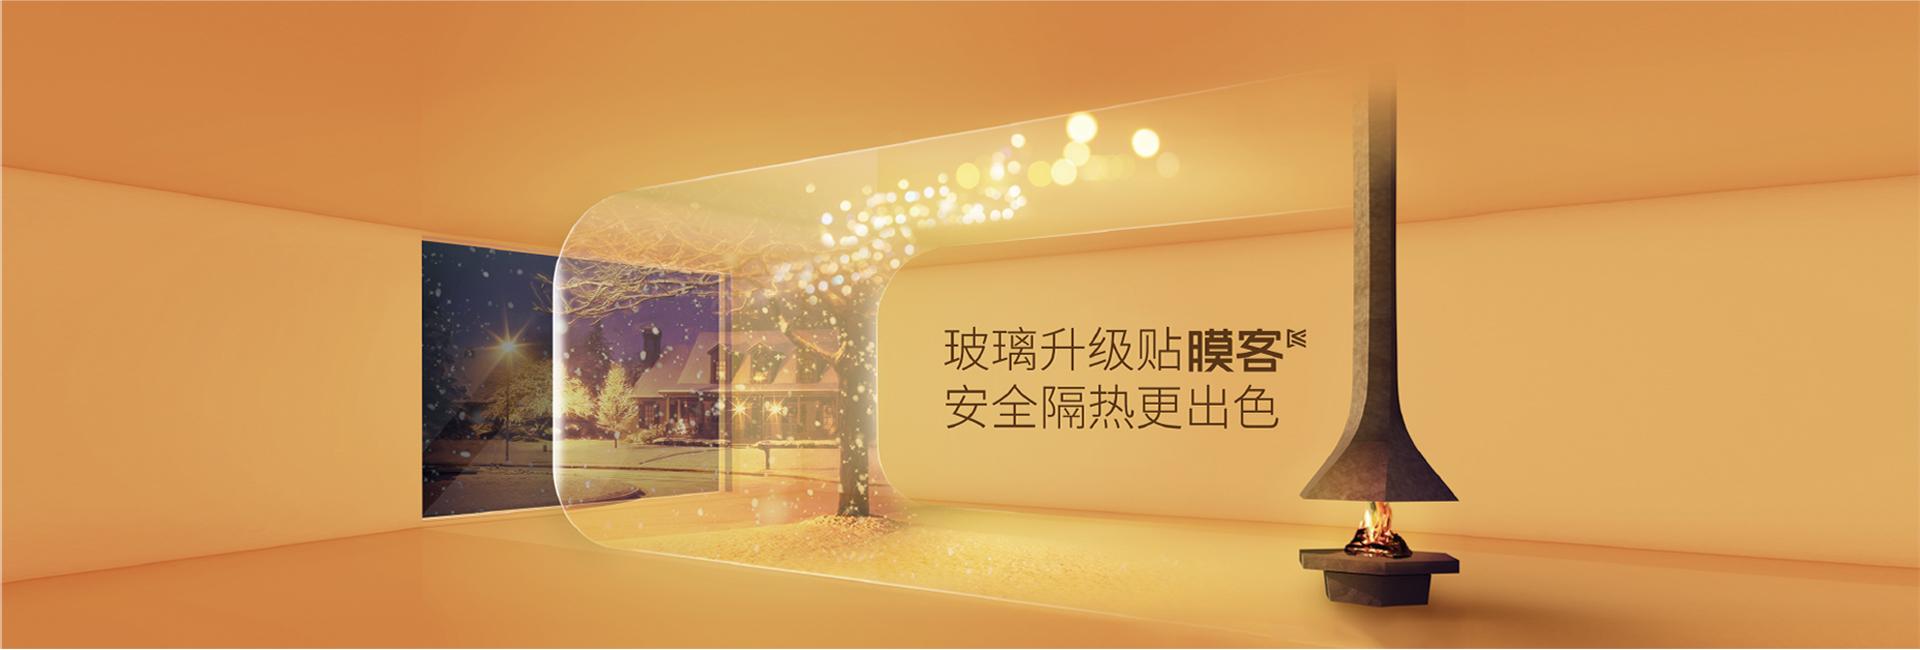 膜客建筑玻璃膜招商